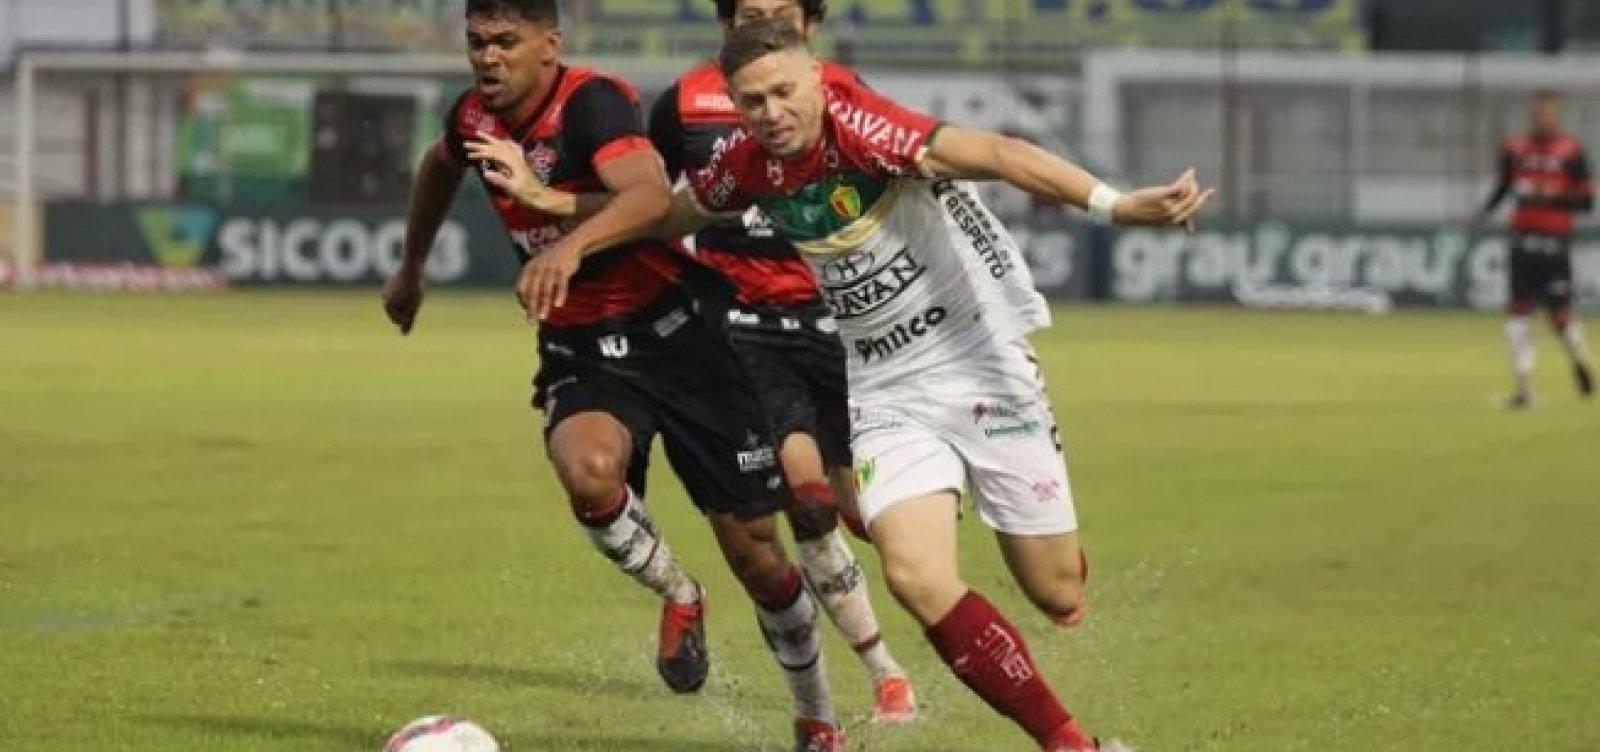 Vitória fica no empate sem gols com o Brusque e continua na zona